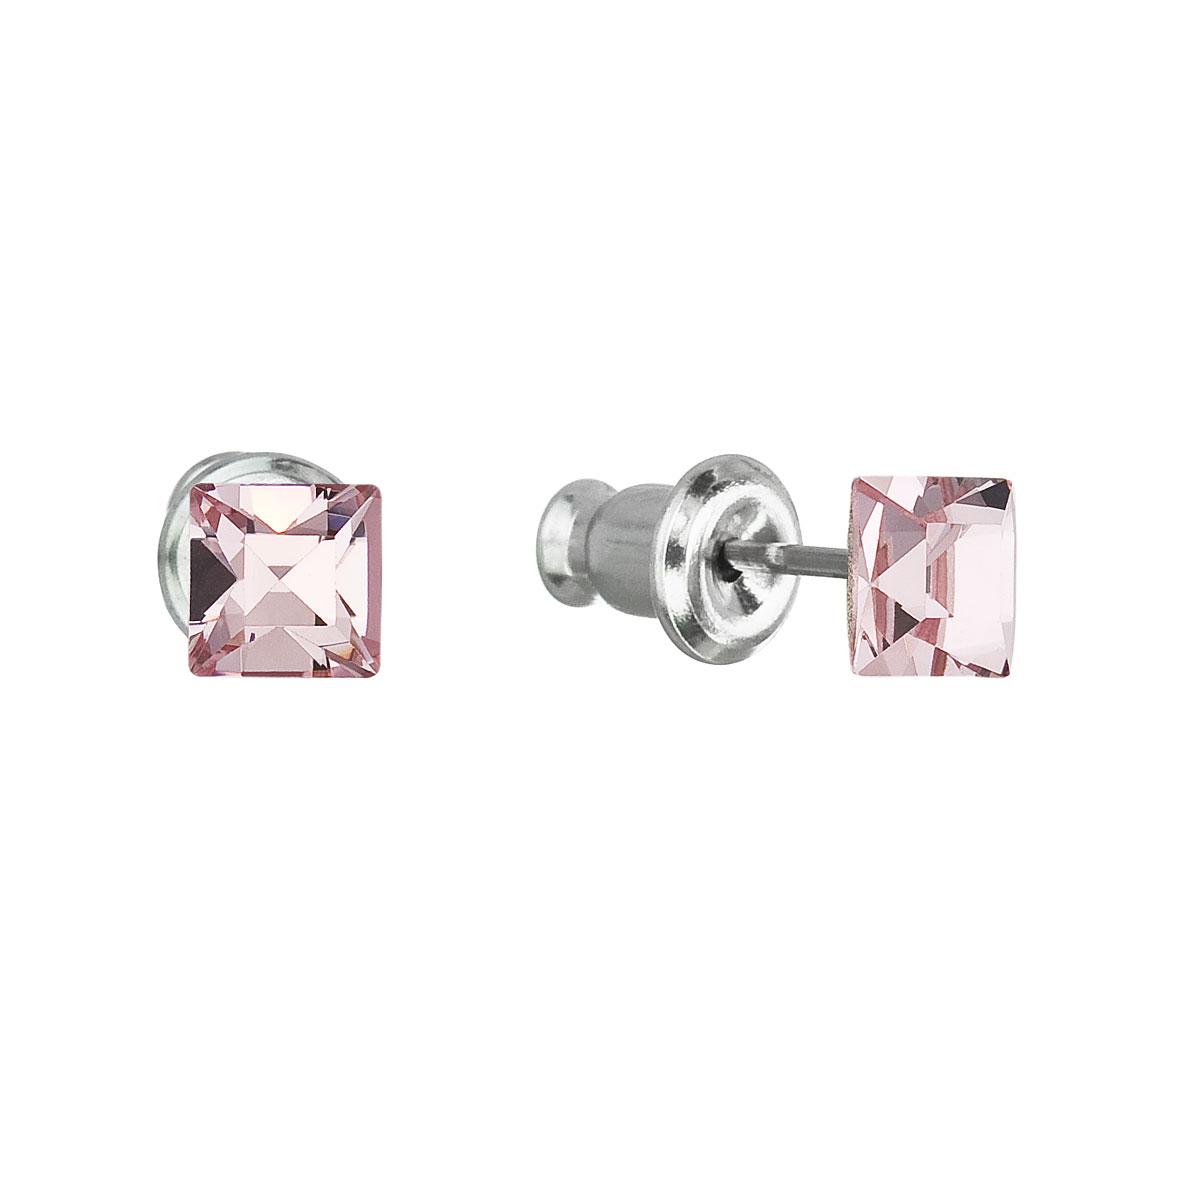 Evolution Group Náušnice se Swarovski krystaly růžová čtverec 51052.3 light rose